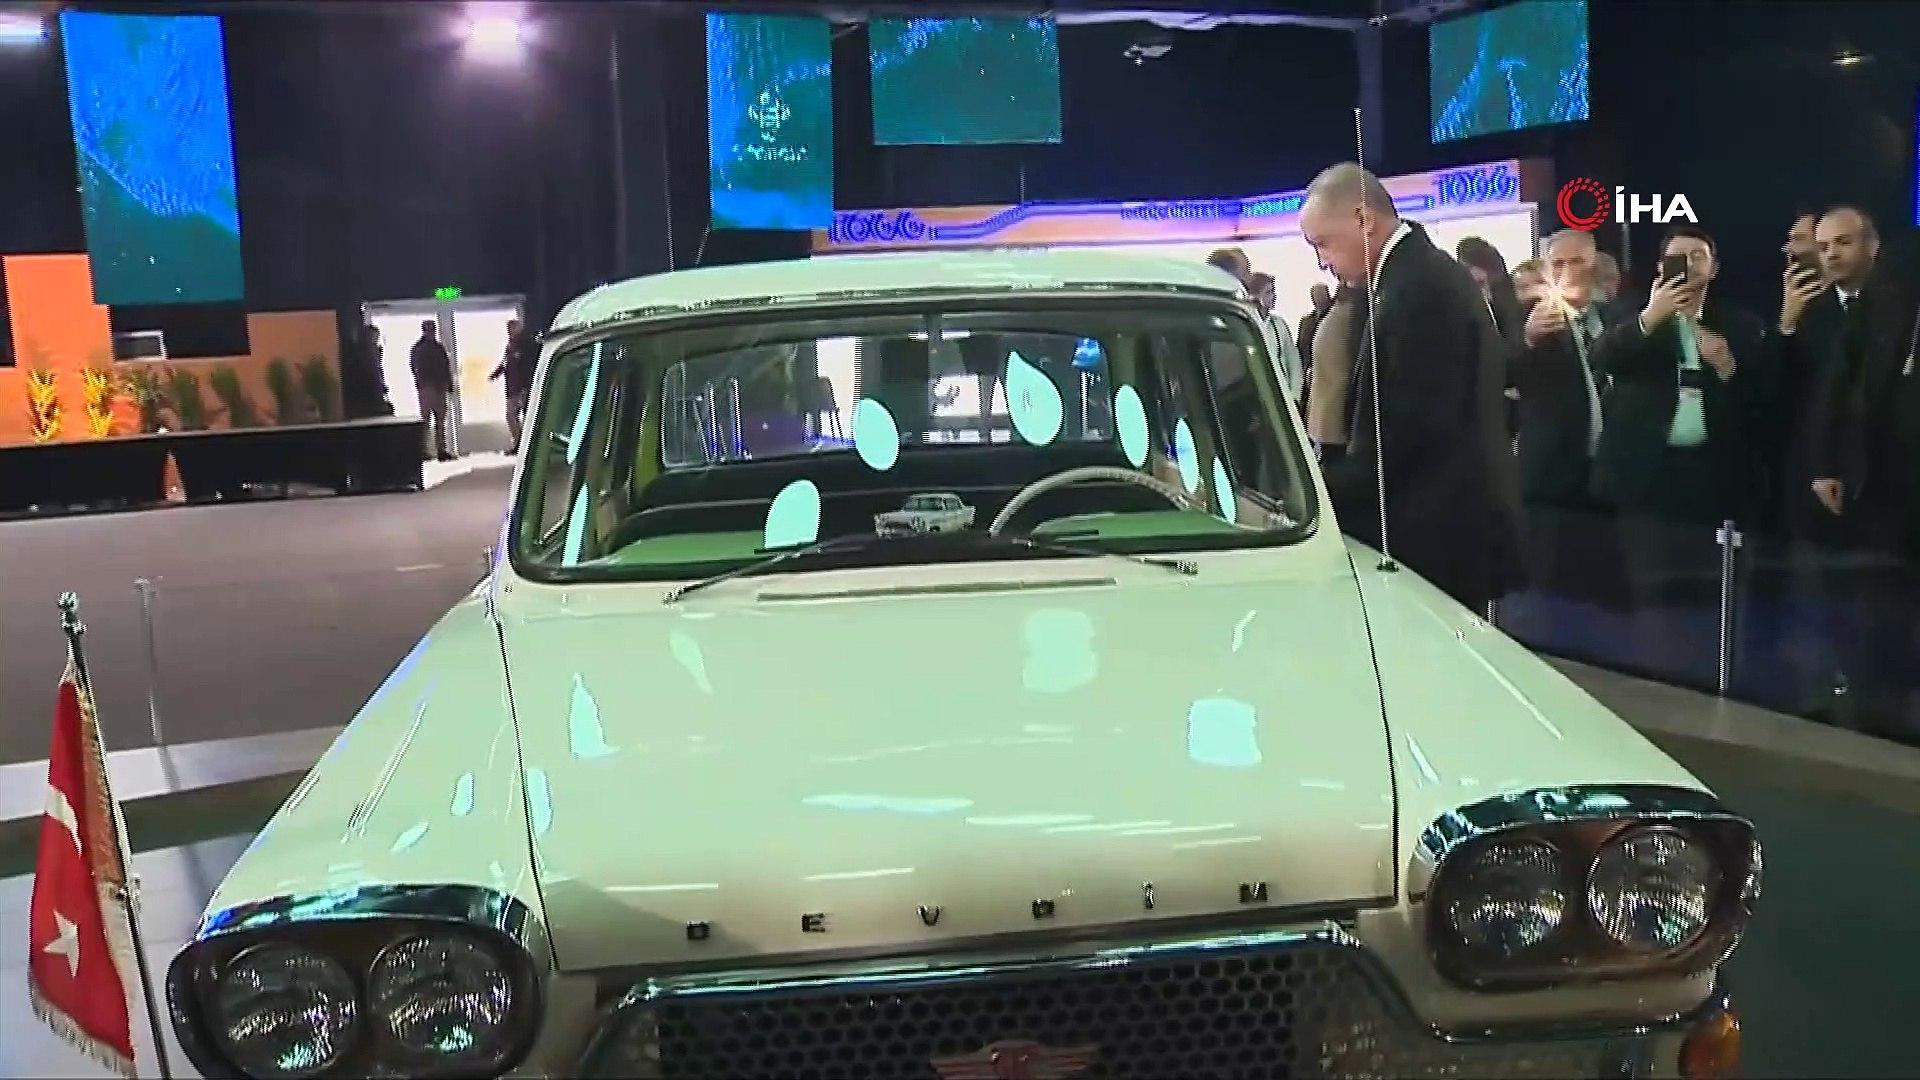 Cumhurbaşkanı Erdoğan, Türkiye'nin yerli otomobilinin tanıtım toplantısına katıldı